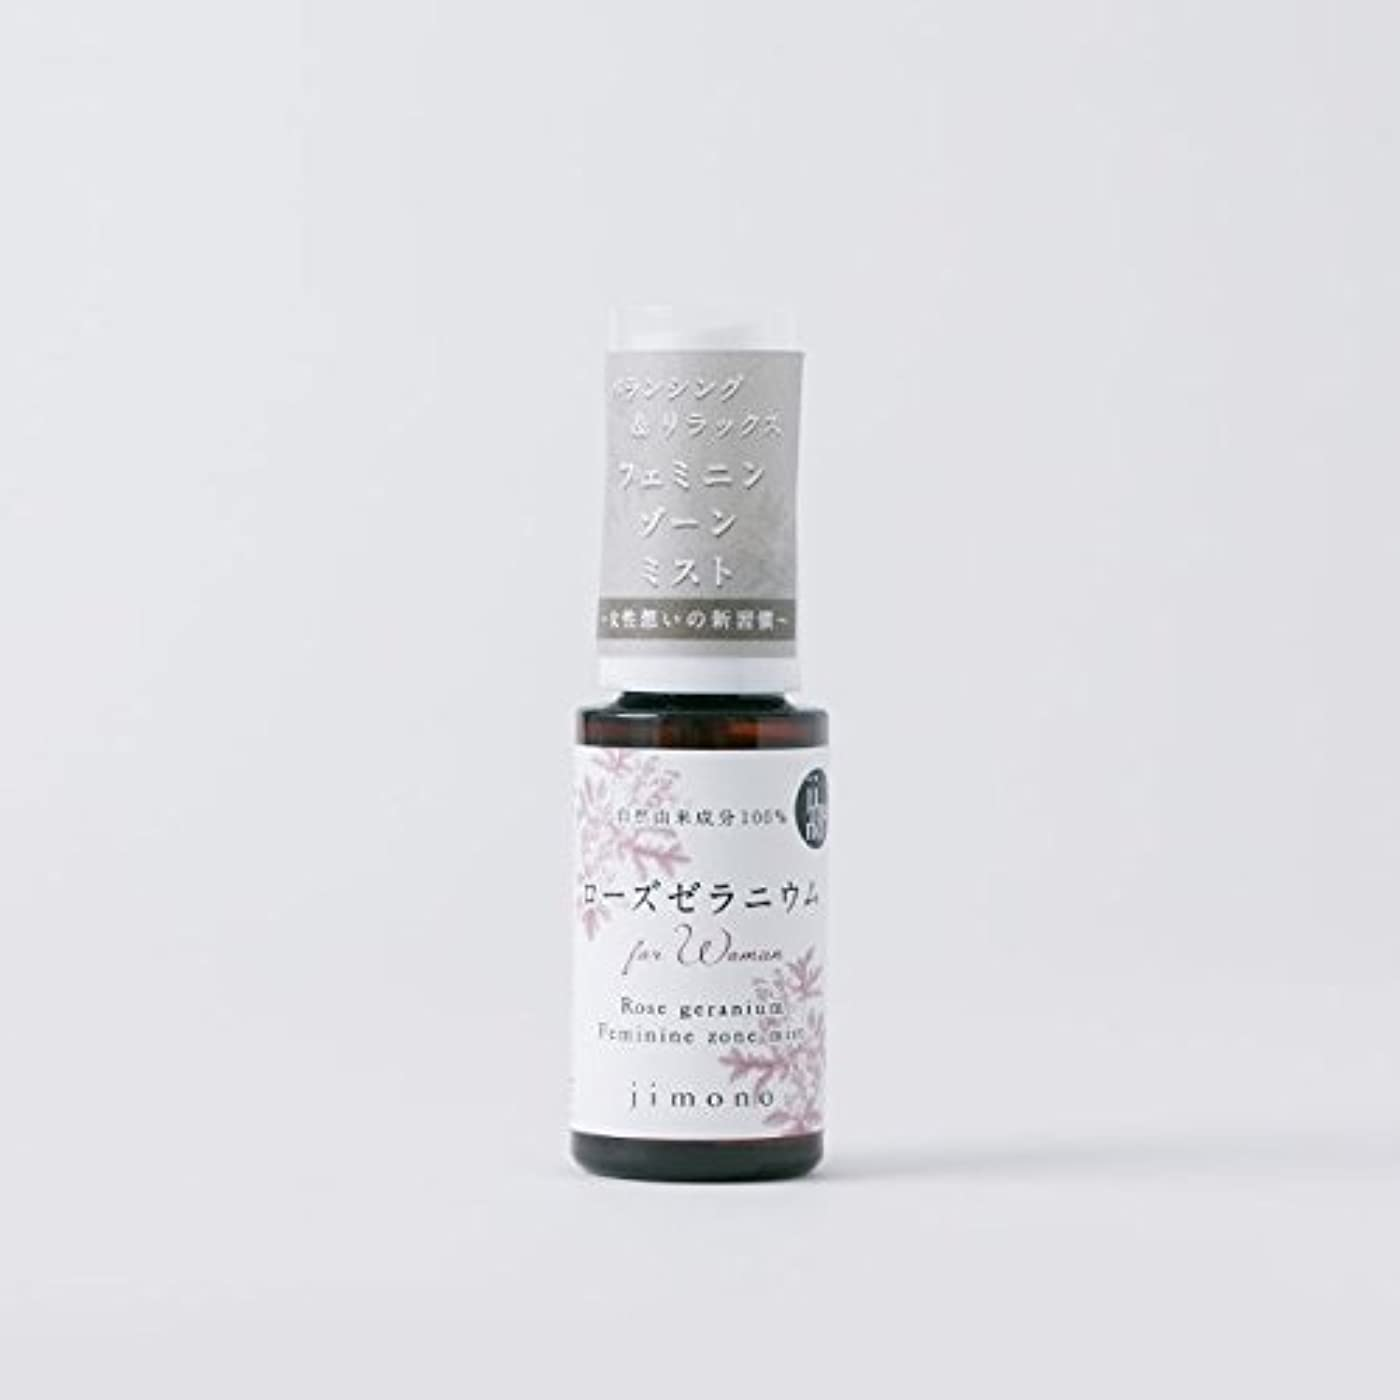 砦教室区デリケートゾーン用石鹸for womanローズゼラニウムミスト